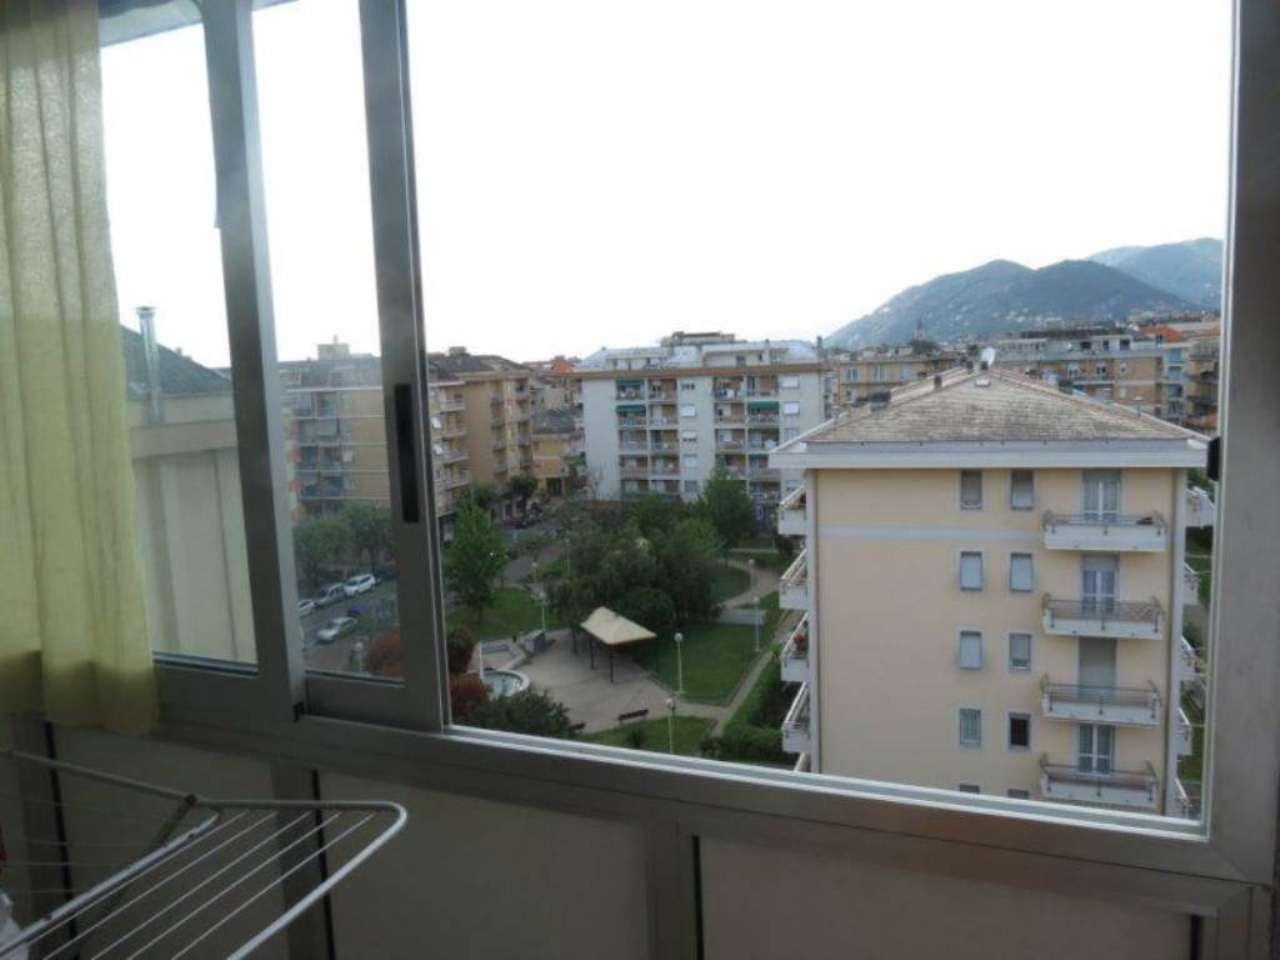 Attico / Mansarda in vendita a Lavagna, 6 locali, prezzo € 370.000 | CambioCasa.it